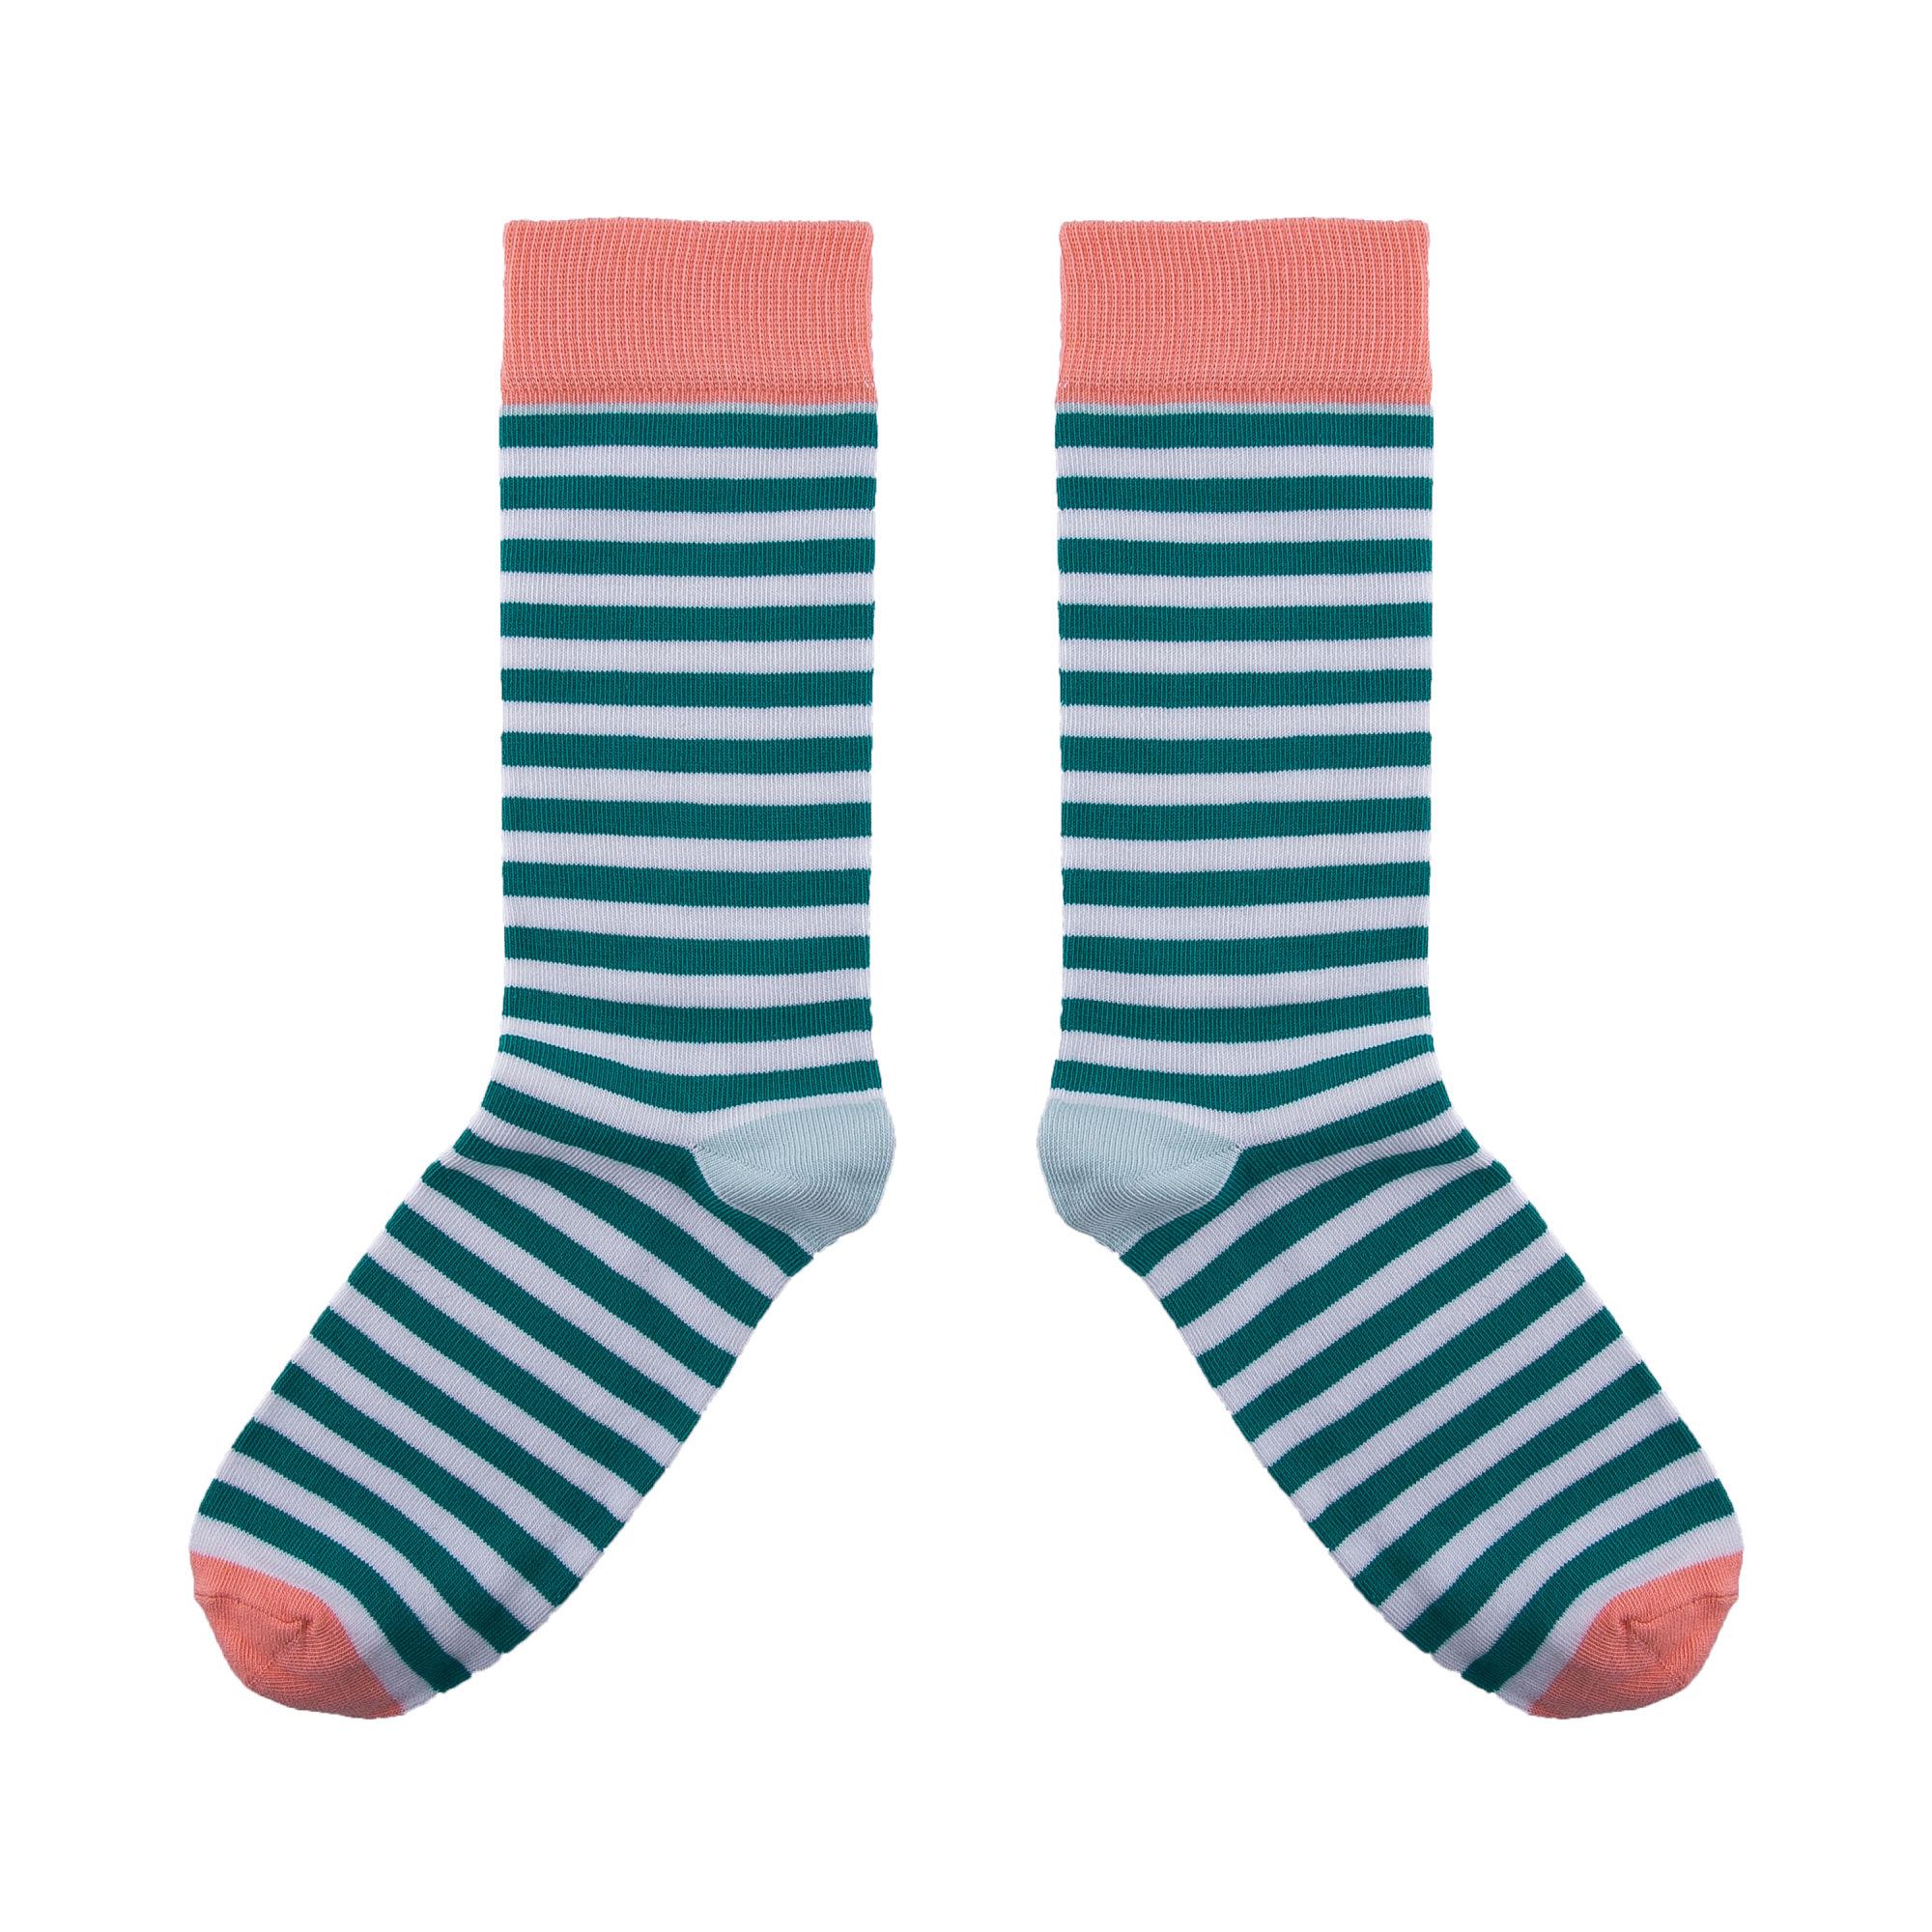 Breton Green Socks UK 3.5-7 7.5-11.5